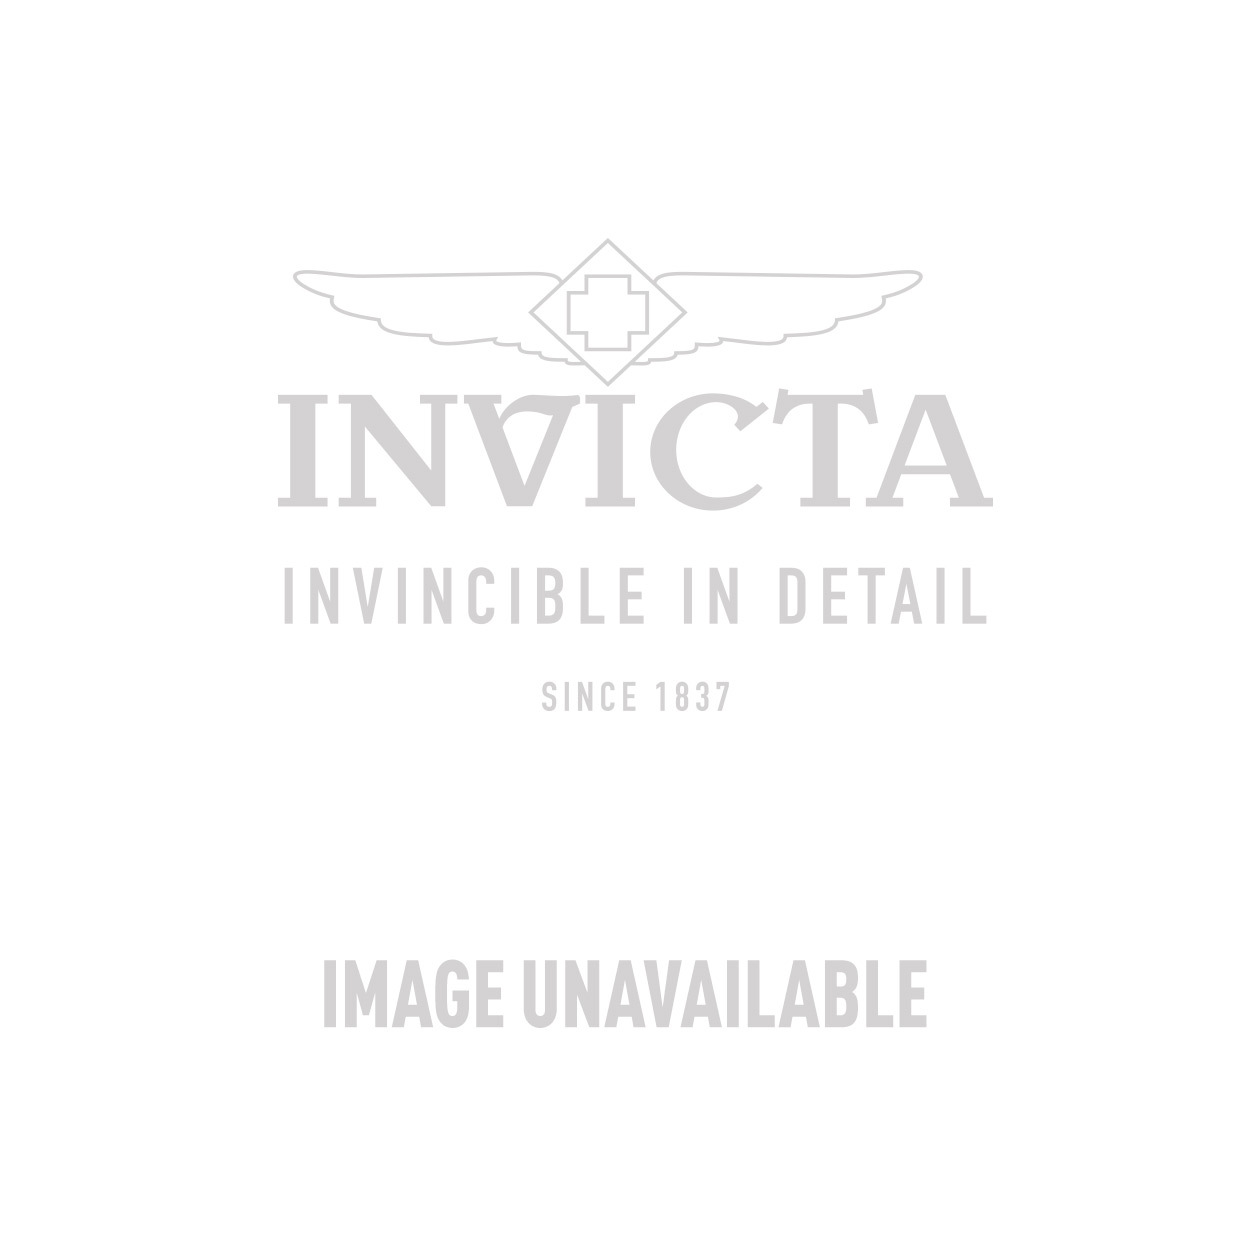 Invicta Model 28561